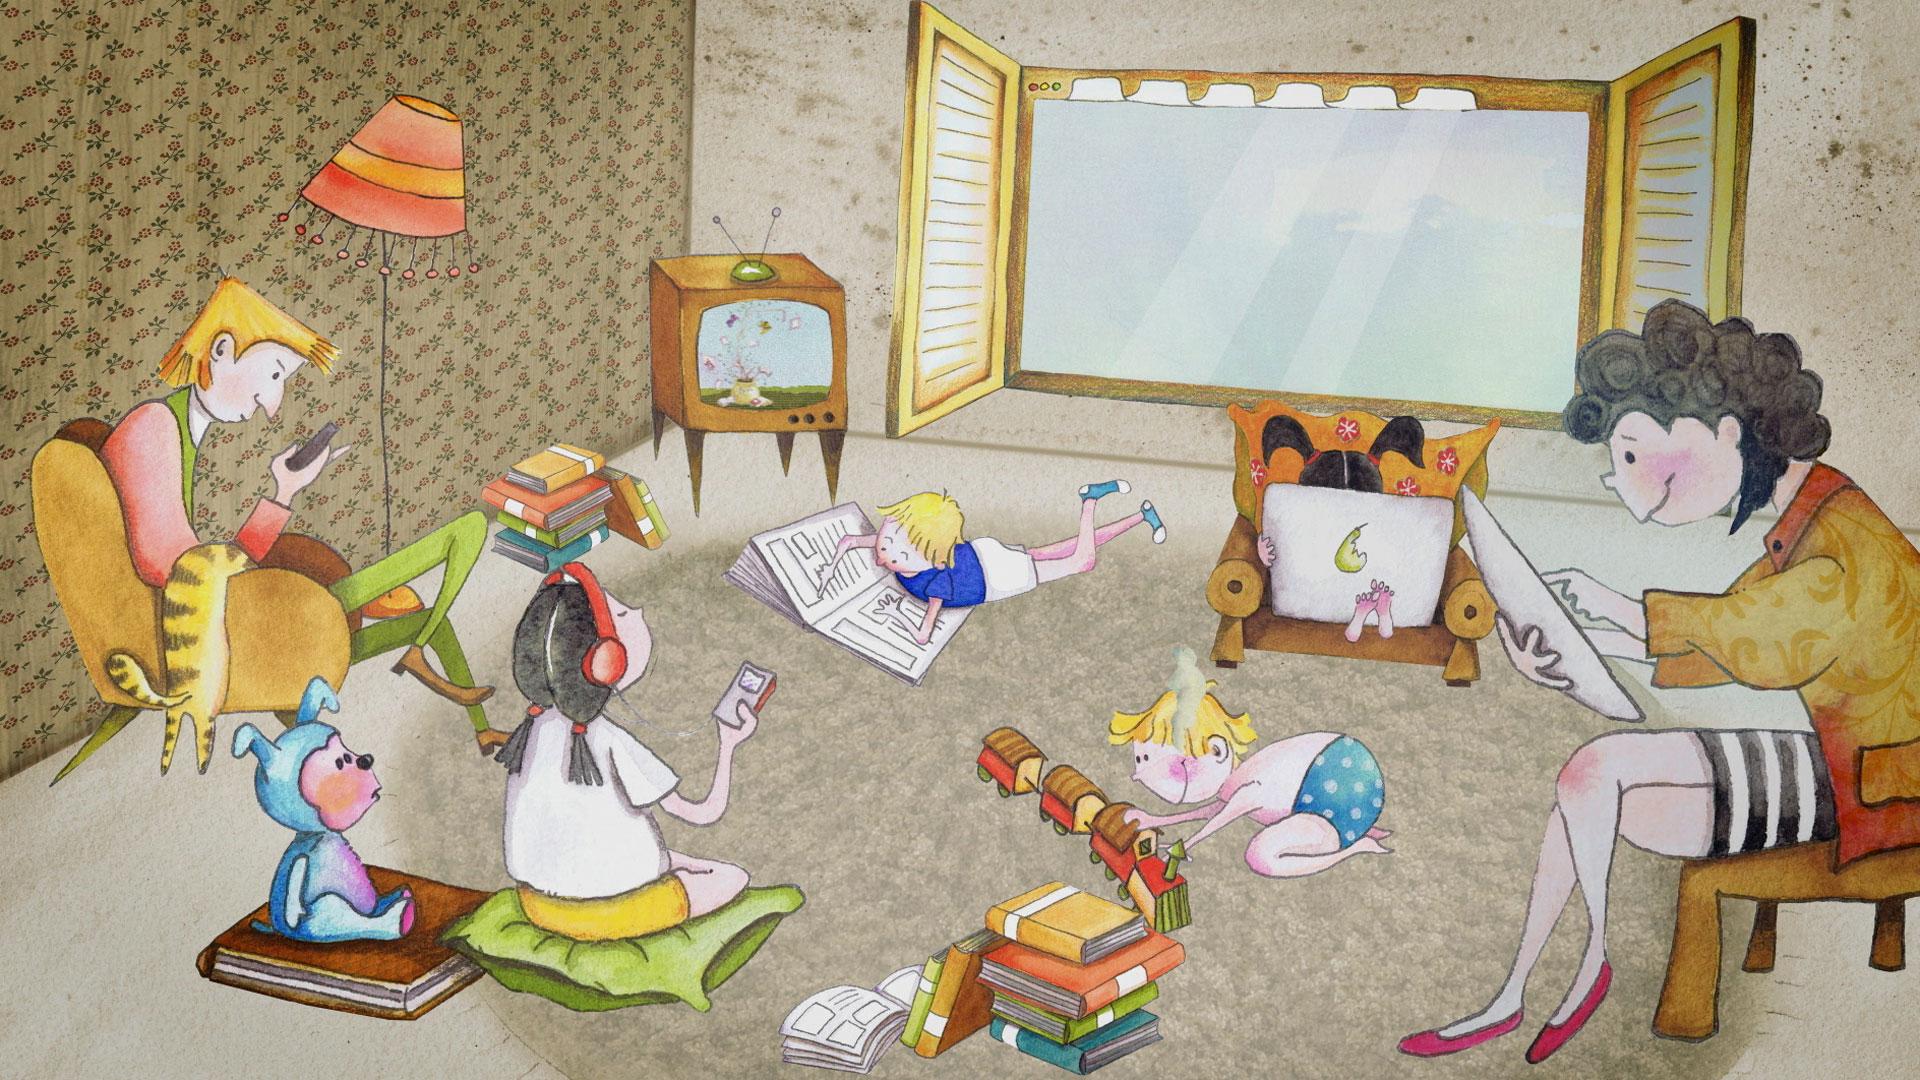 hansmann-animation-familie-sitzt-im-wohnzimmer